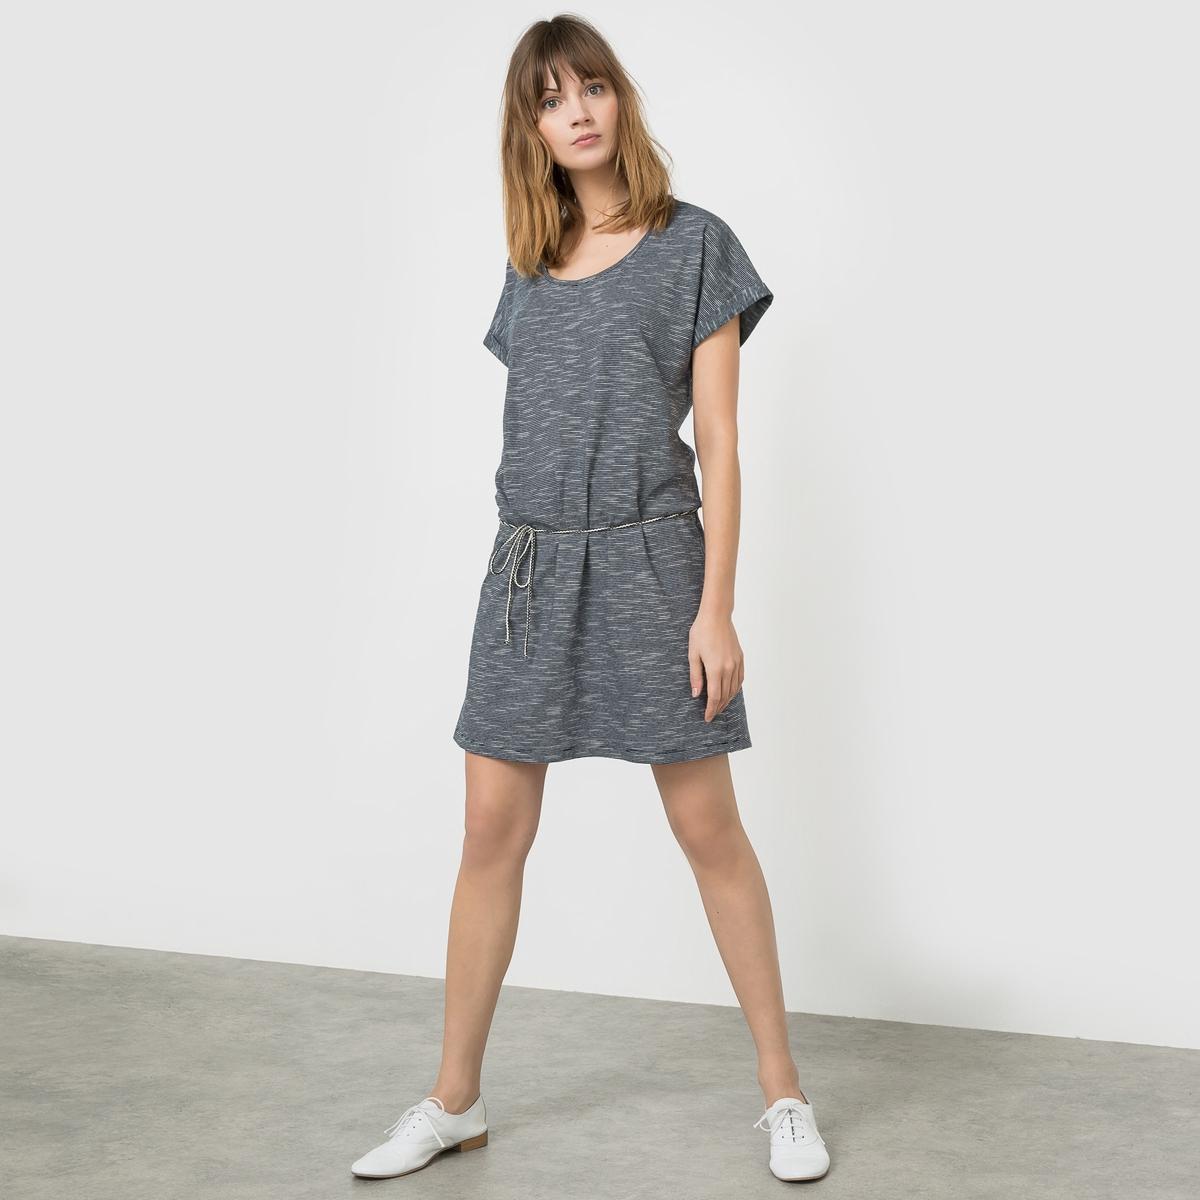 Платье из джерси в тонкую полоску, плетеная завязка